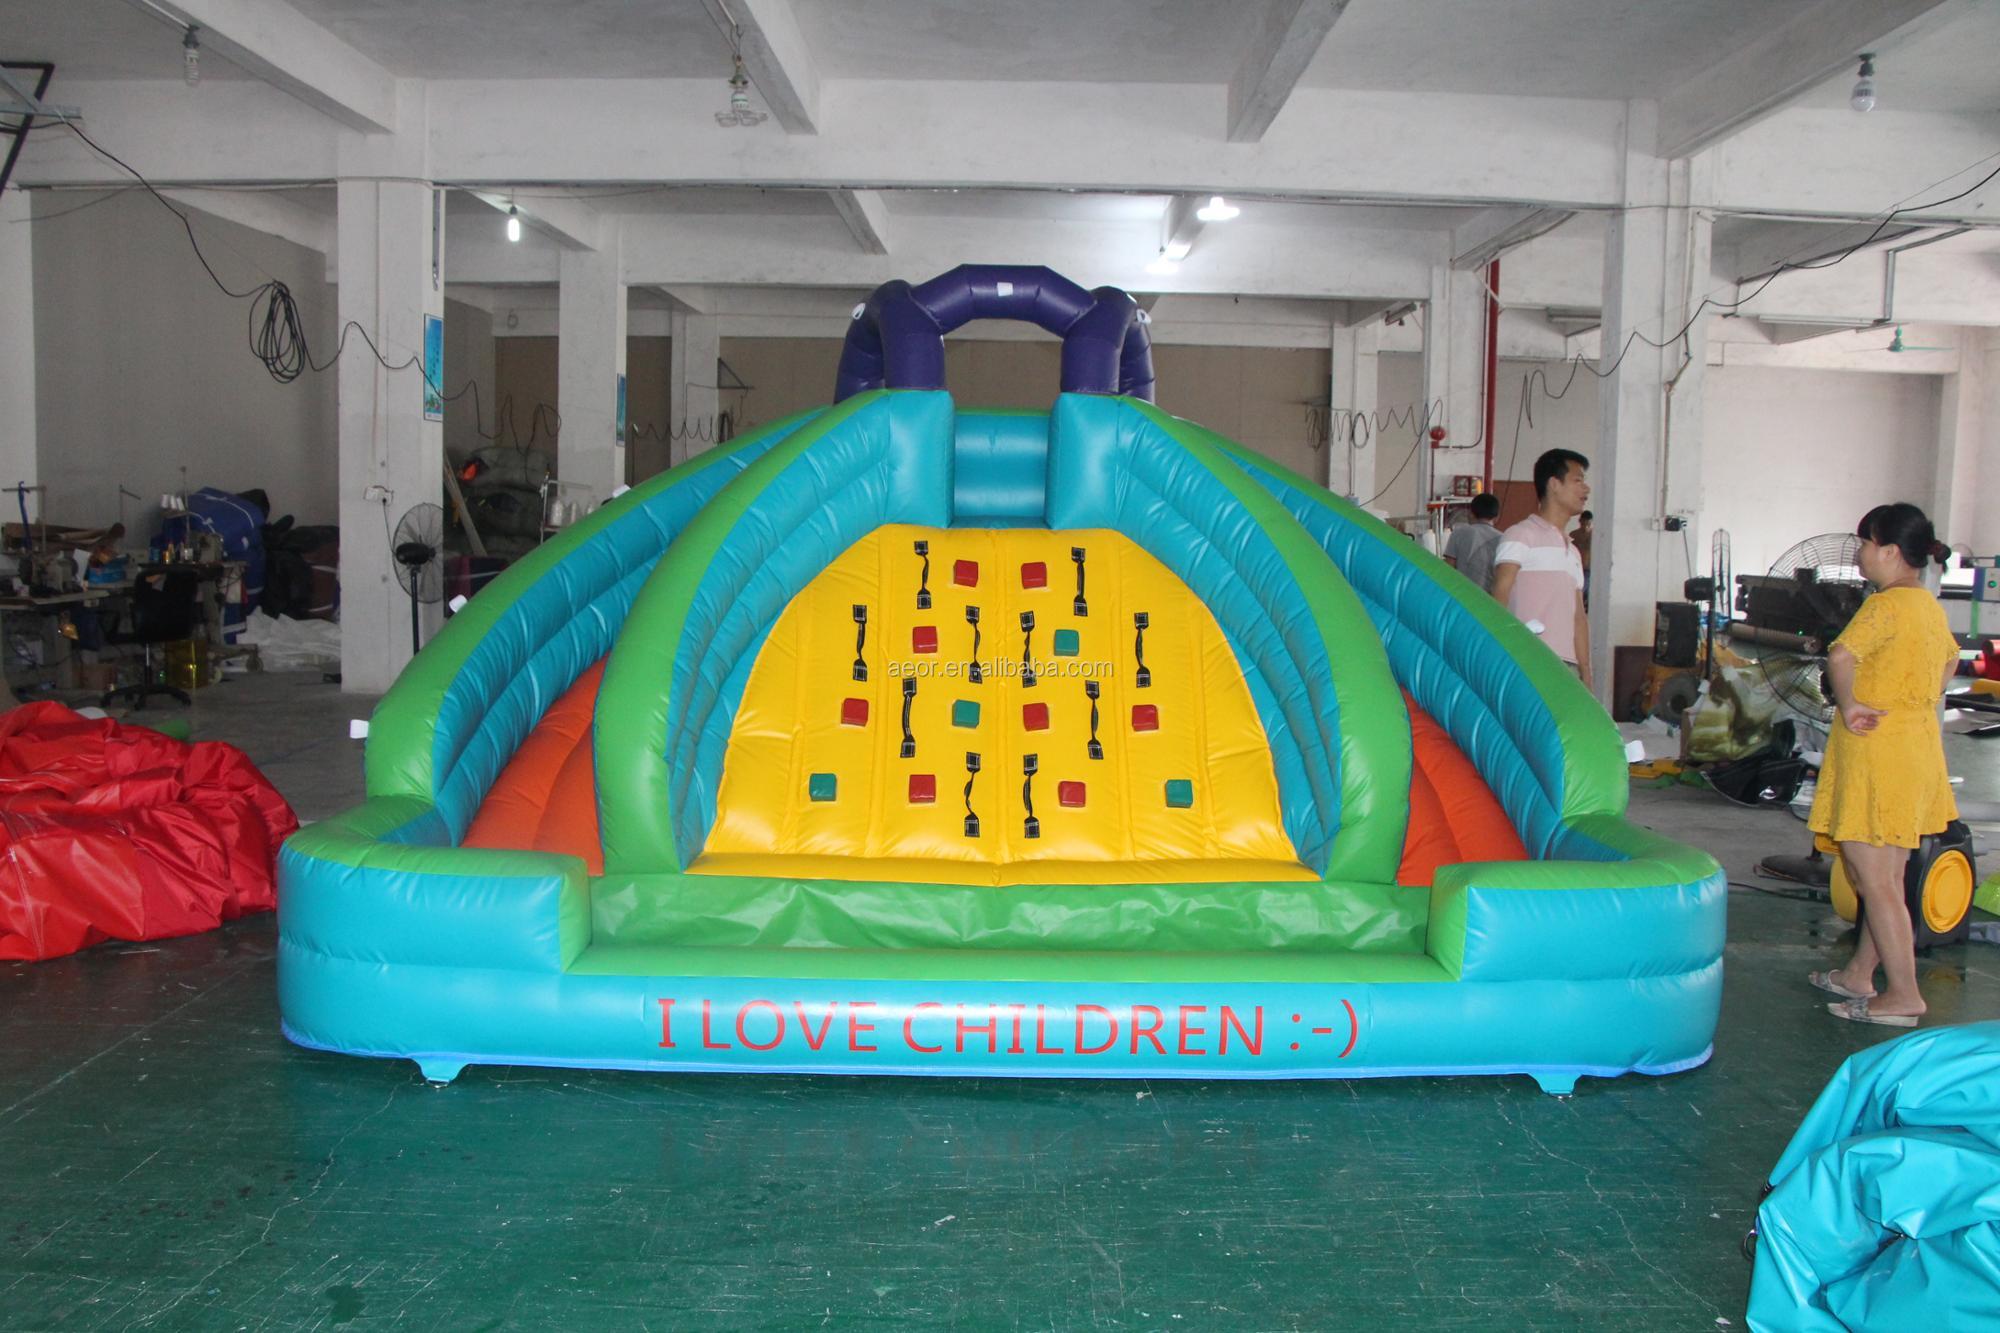 Piscine Hors Sol Avec Toboggan nouveau toboggan de piscine hors terre pour jardin/glissière d'eau  gonflable avec la piscine